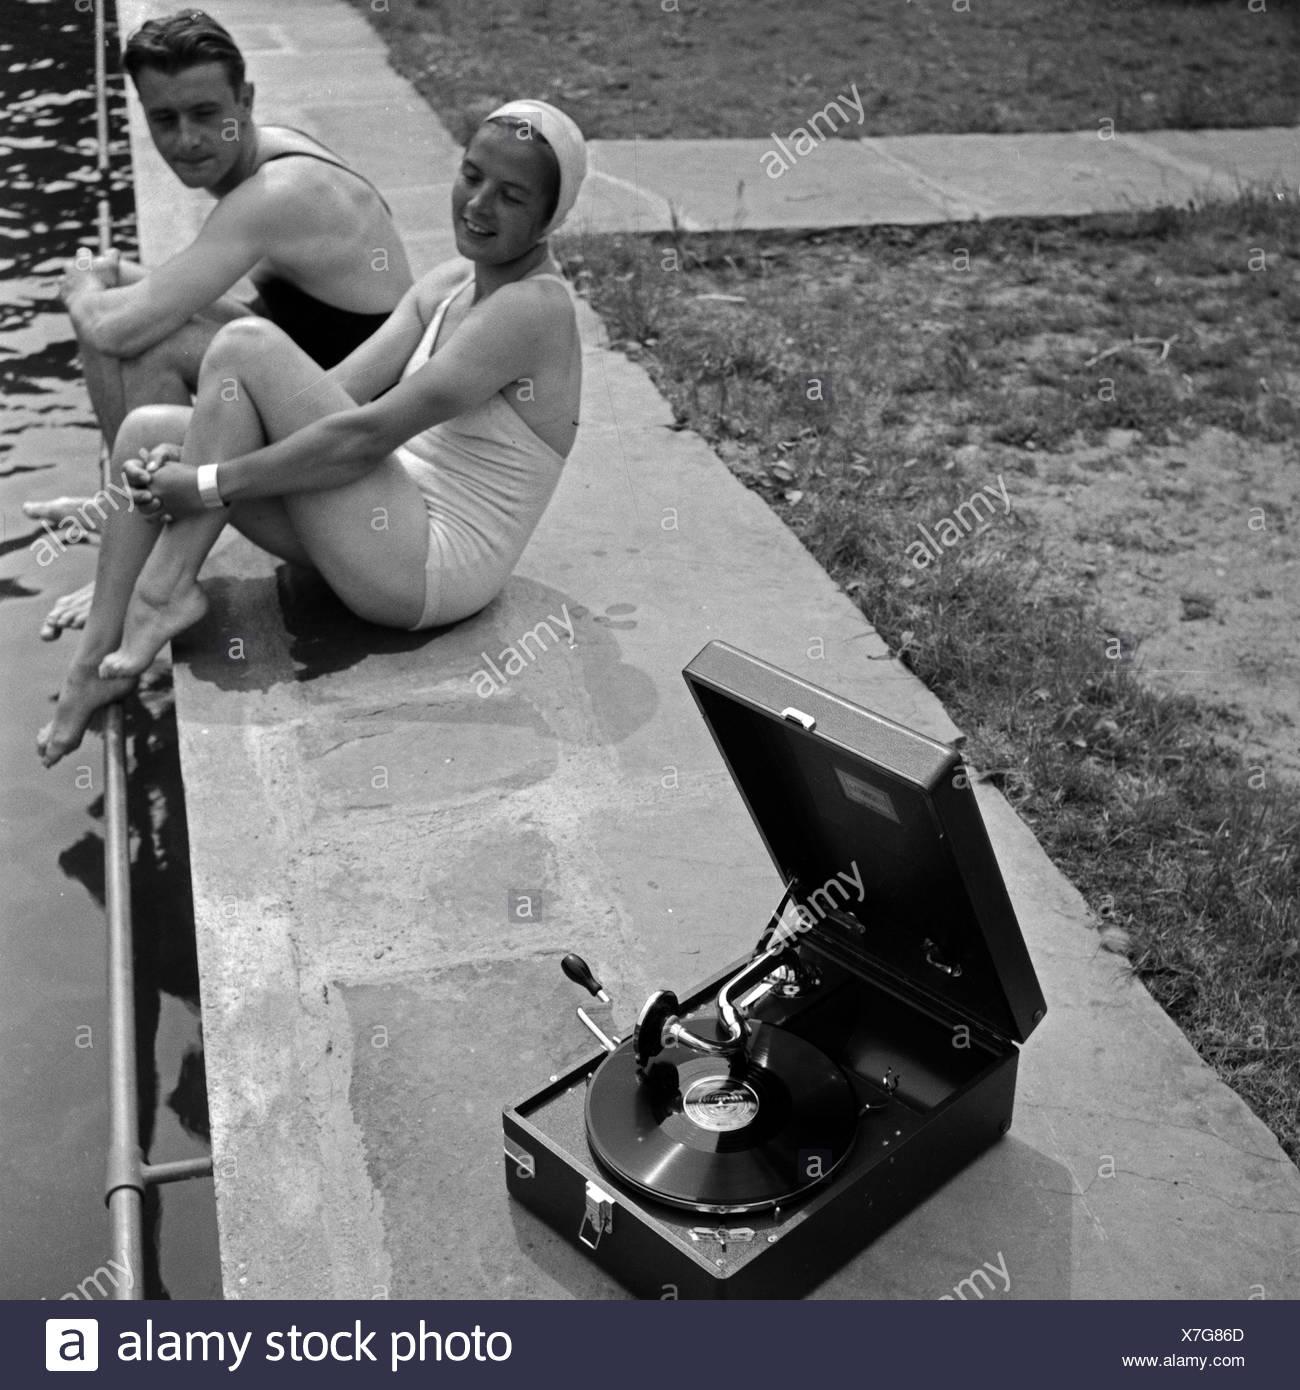 Ein junges Paar sitzt im Freibad am Beckenrand und hört die neuesten Schlager auf einem Elextrole Grammophon, Deutschland 1930er Jahre. A young couple sitting at the poolside and listening to the latest hits from an Electrola gramophone, Germany 1930s. - Stock Image